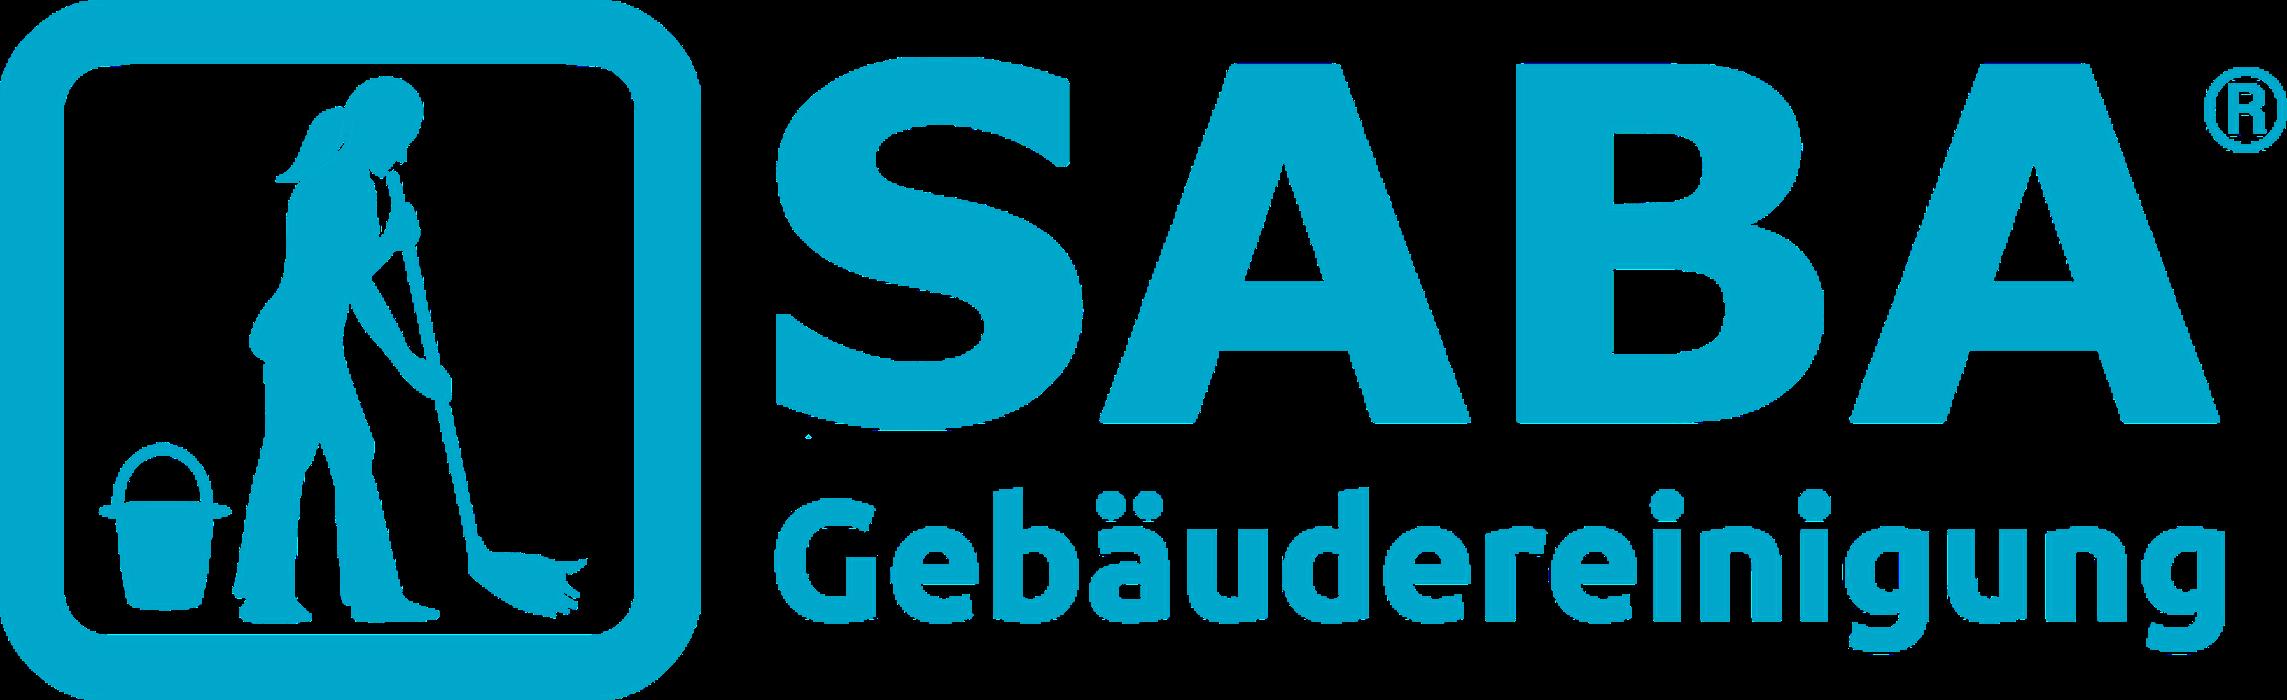 Bild zu SABA Gebäudereinigung Koblenz in Koblenz am Rhein